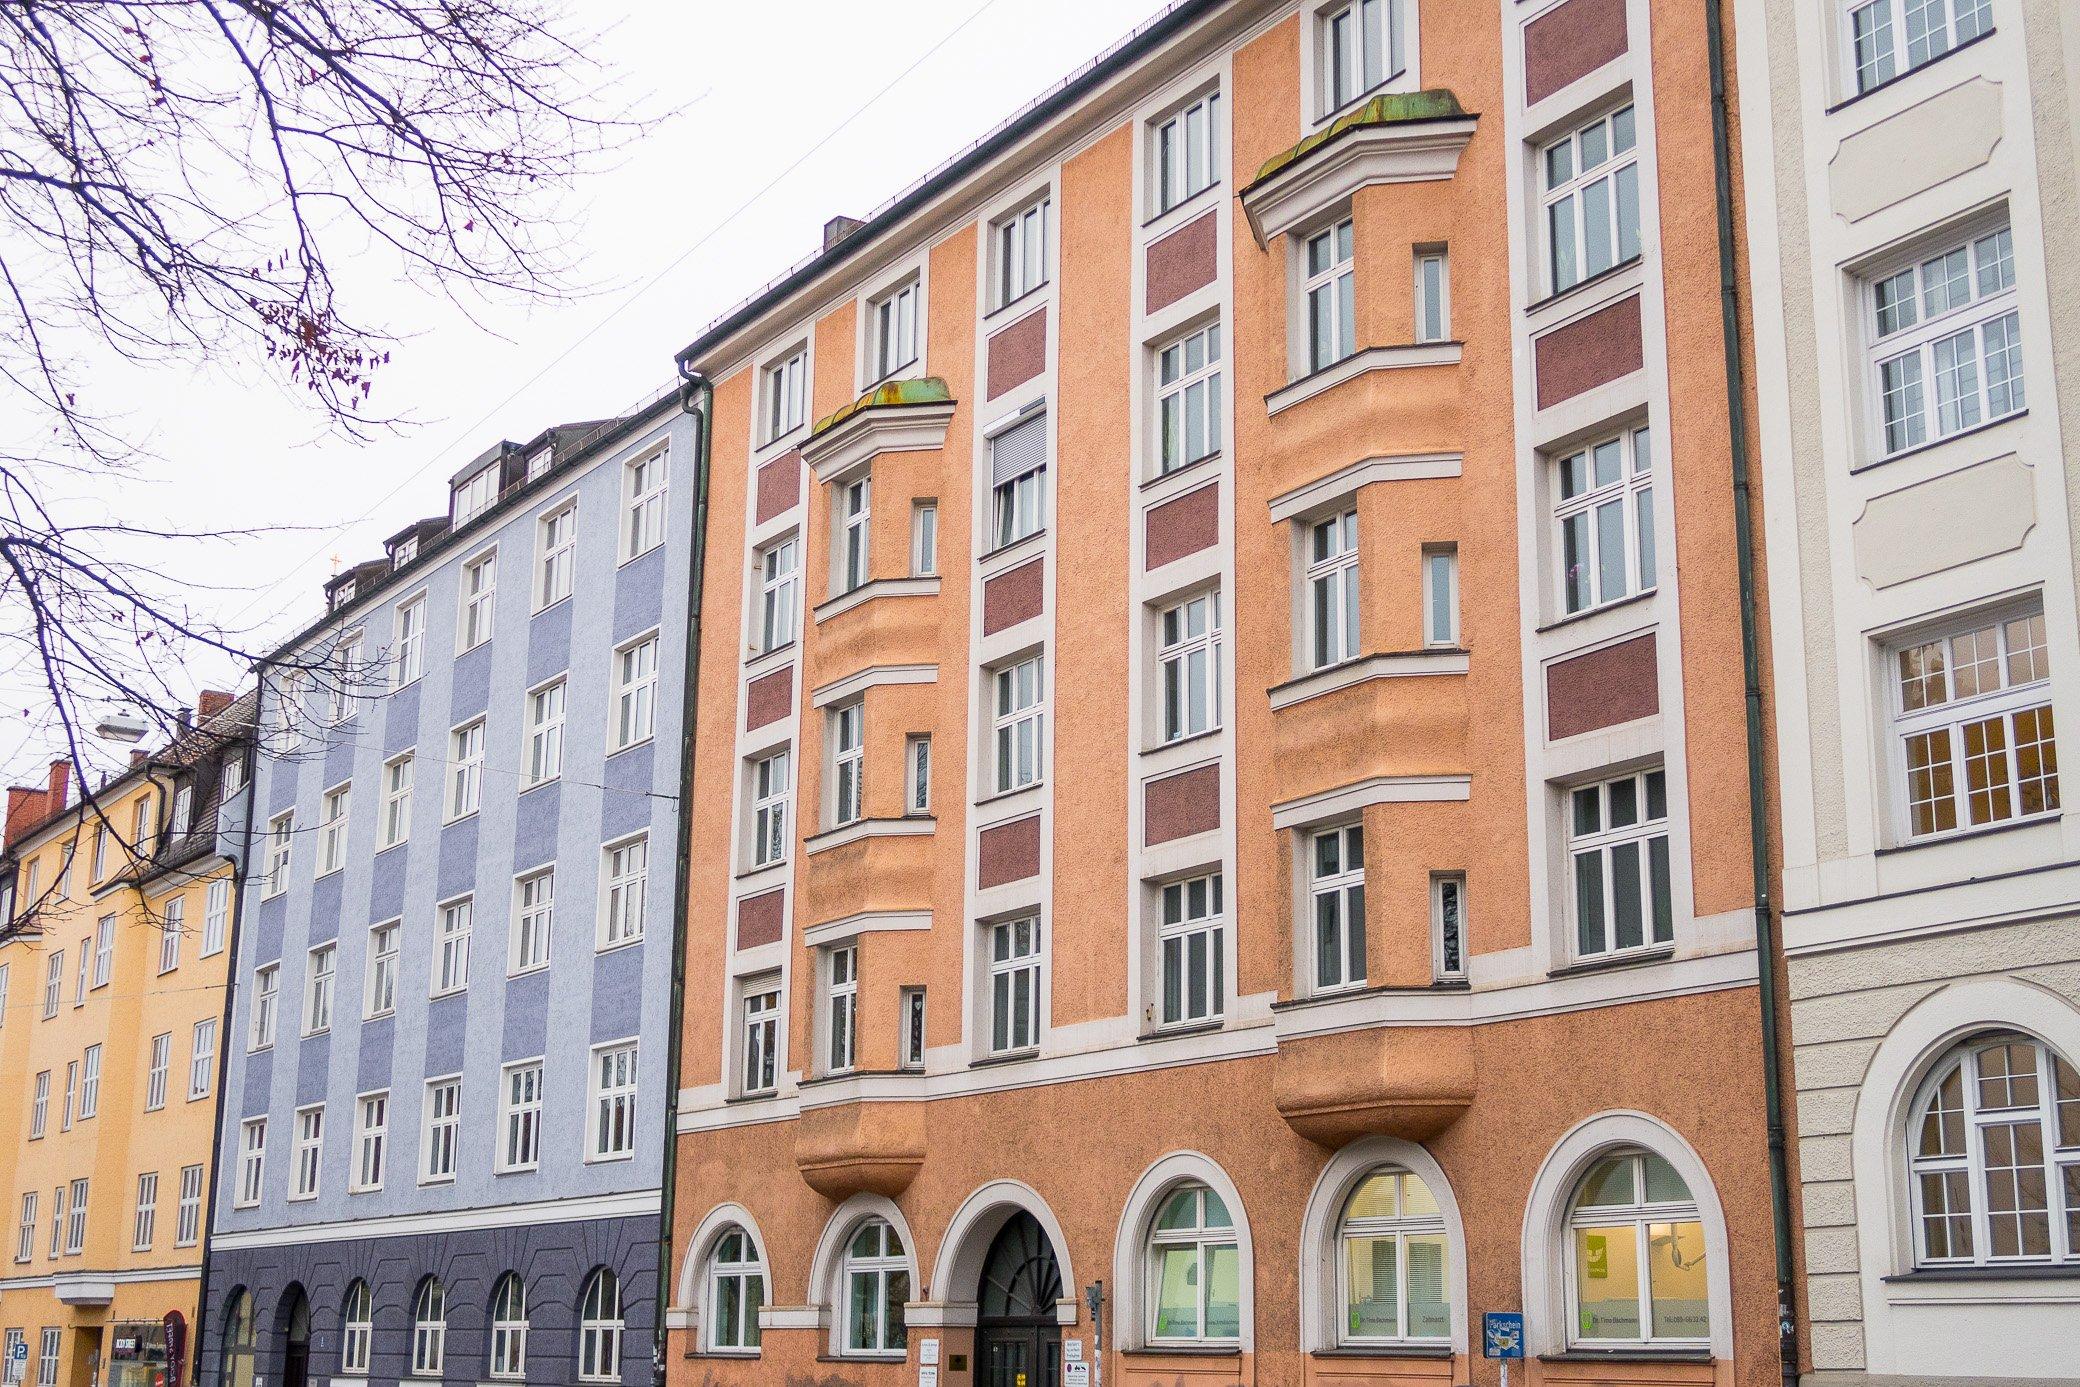 Munich en couleurs